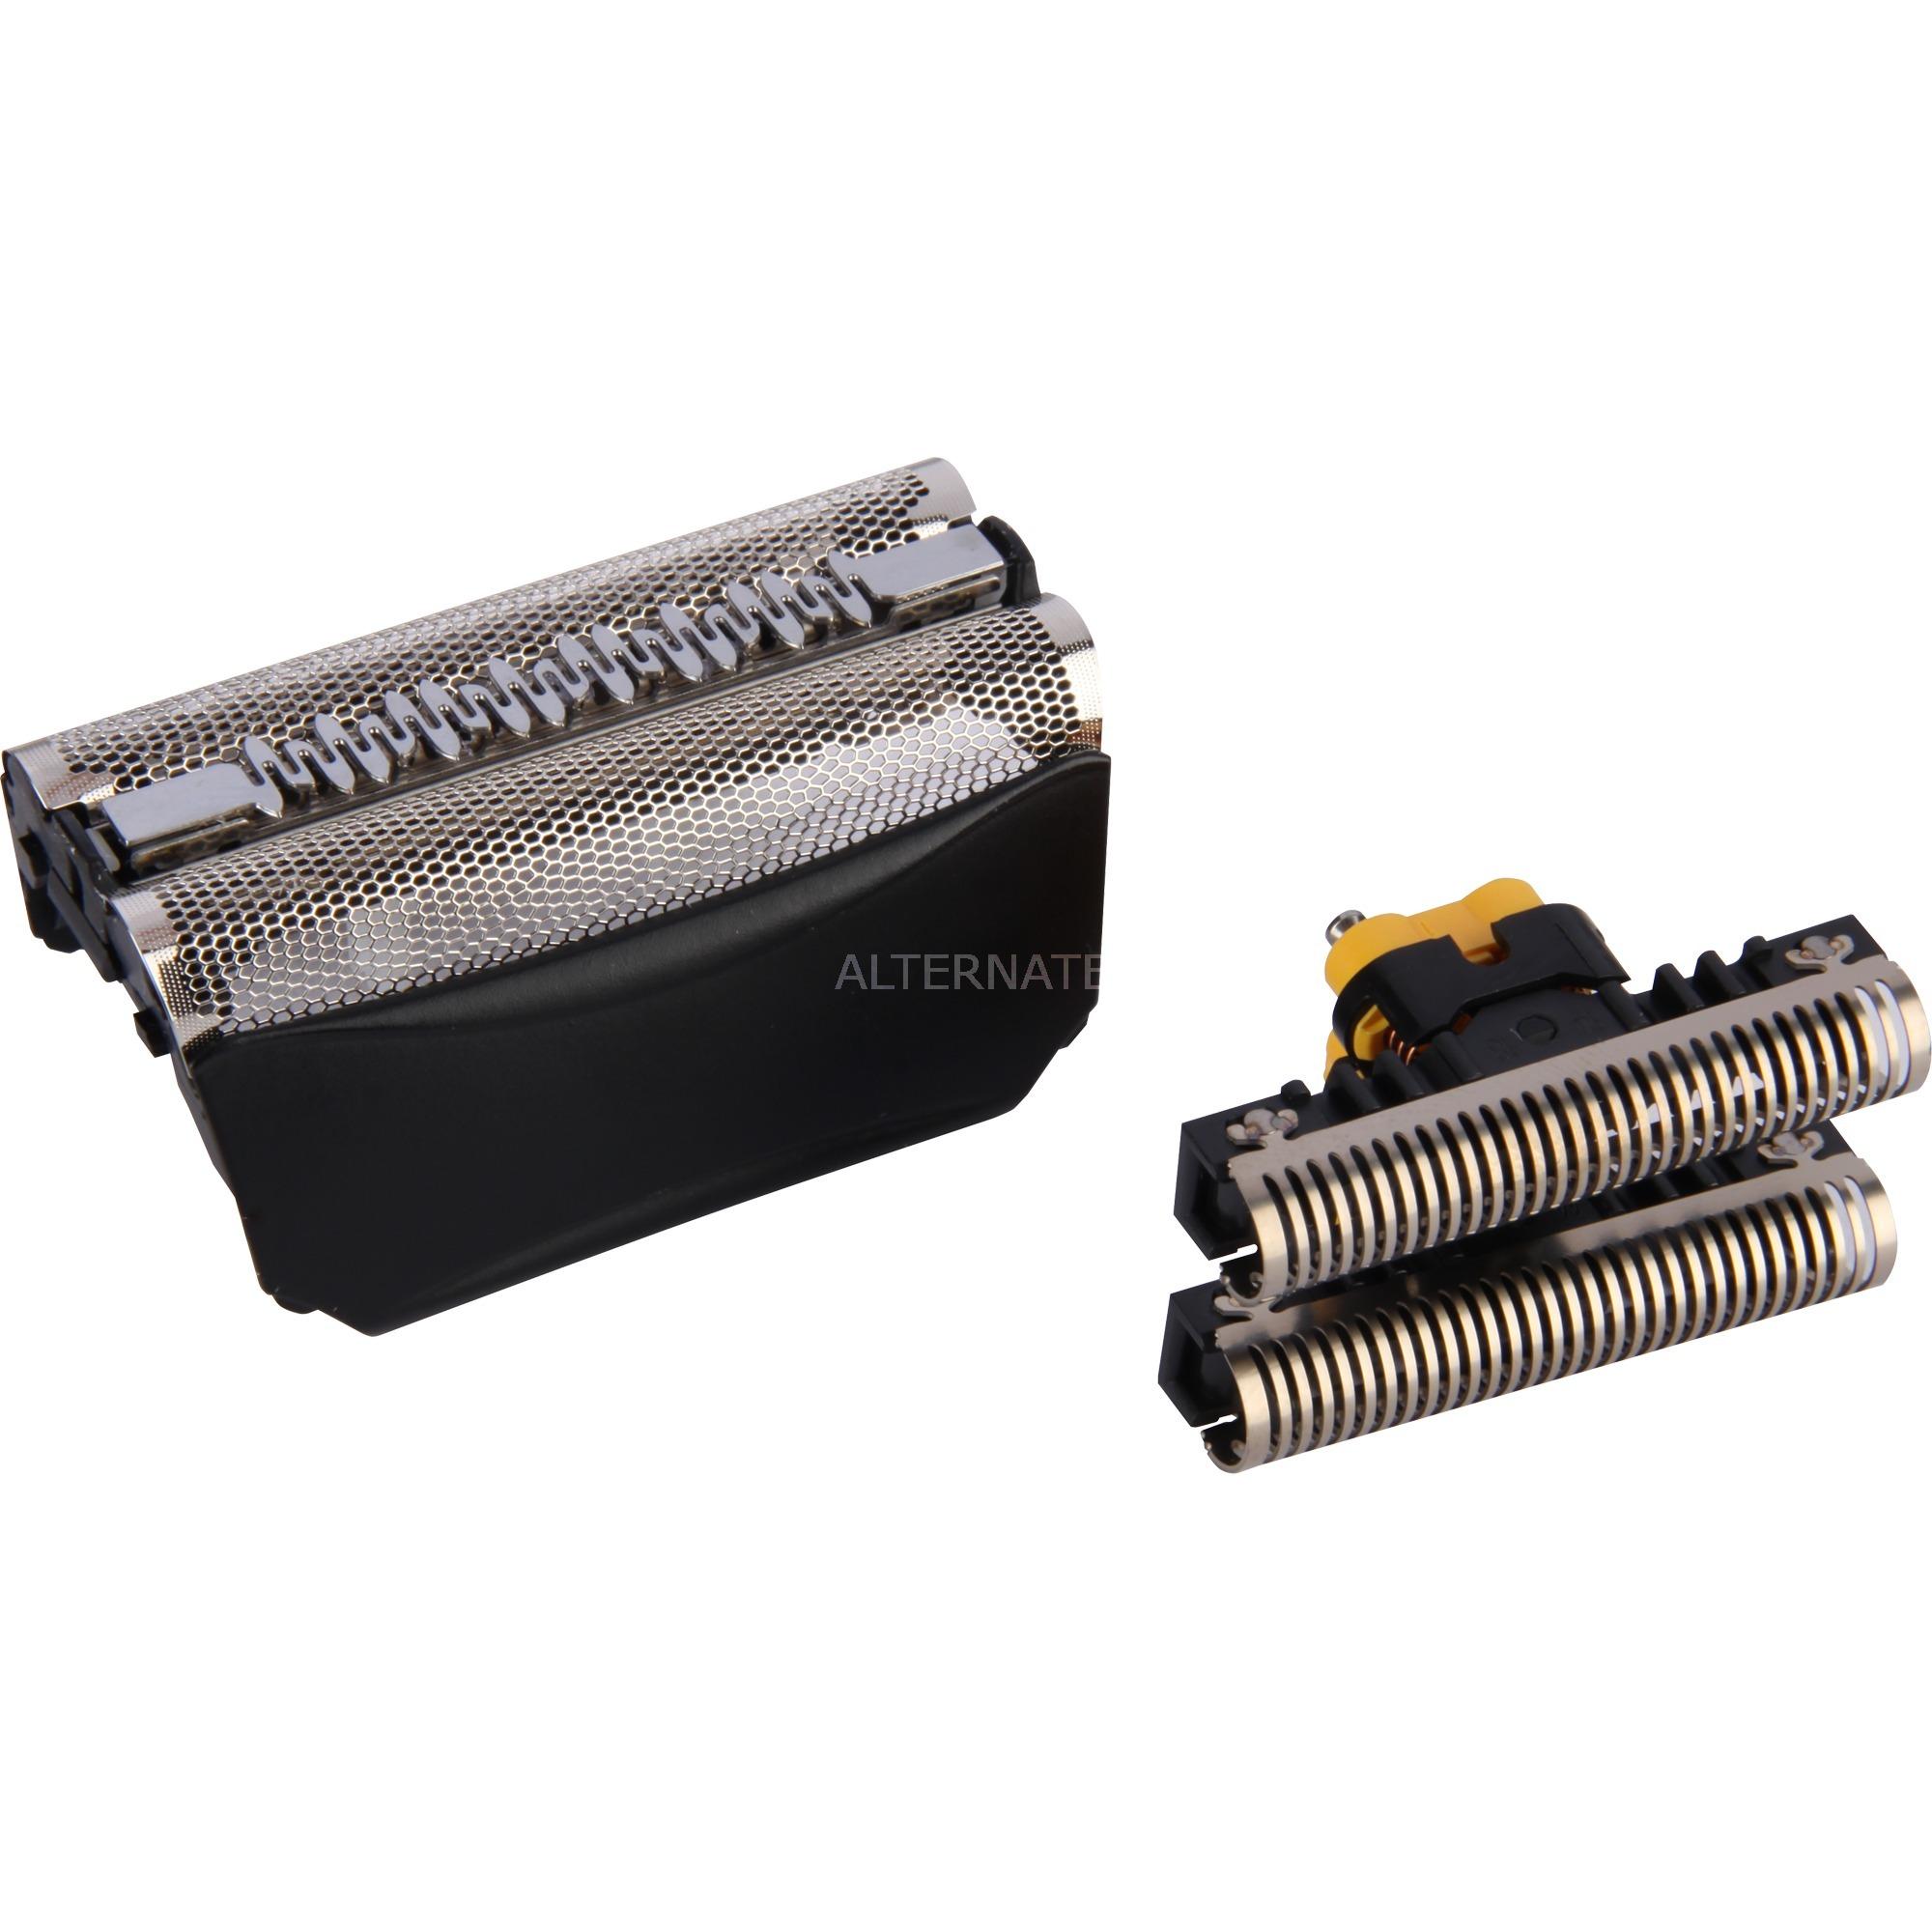 51B Accesorios para máquinas de afeitar, Cabezal de afeitado